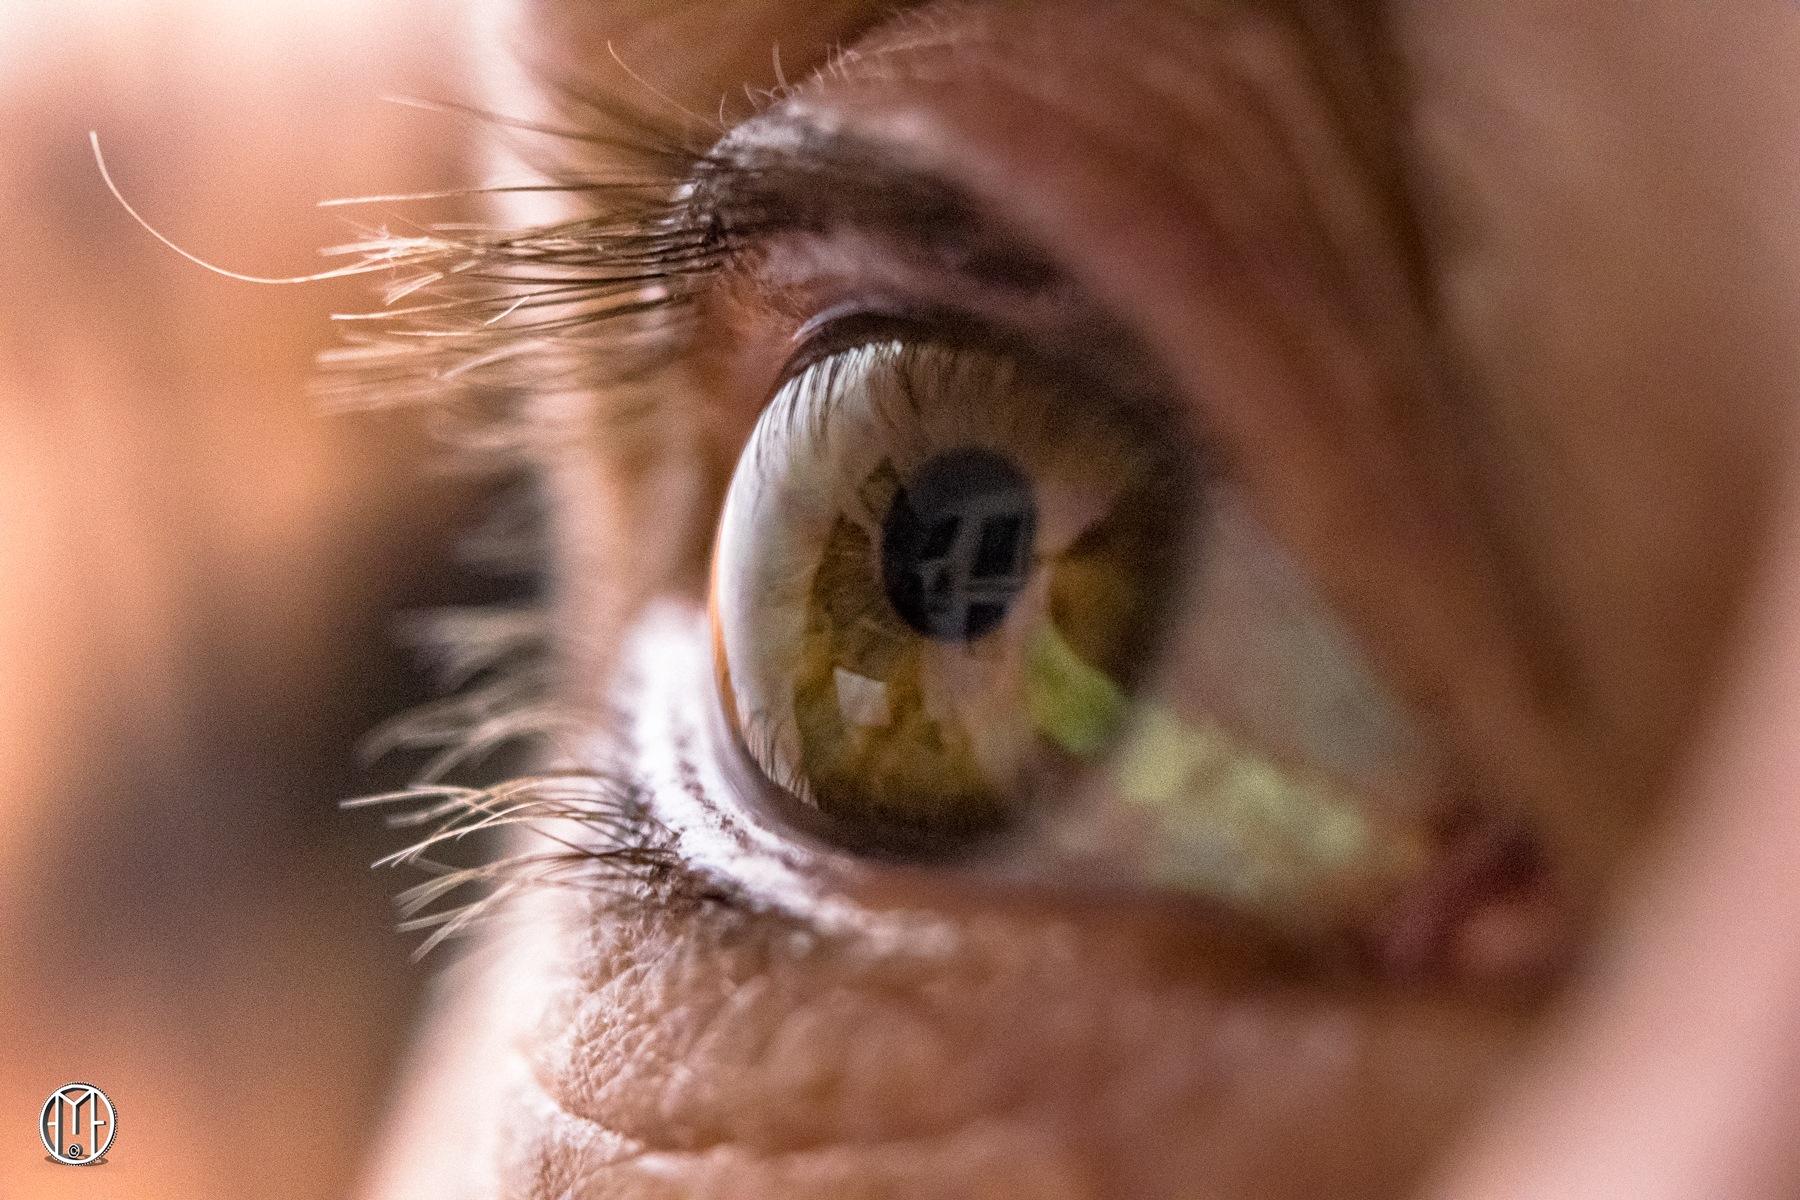 Moni's Eye Macro by Gabriel Ochoa Rojas